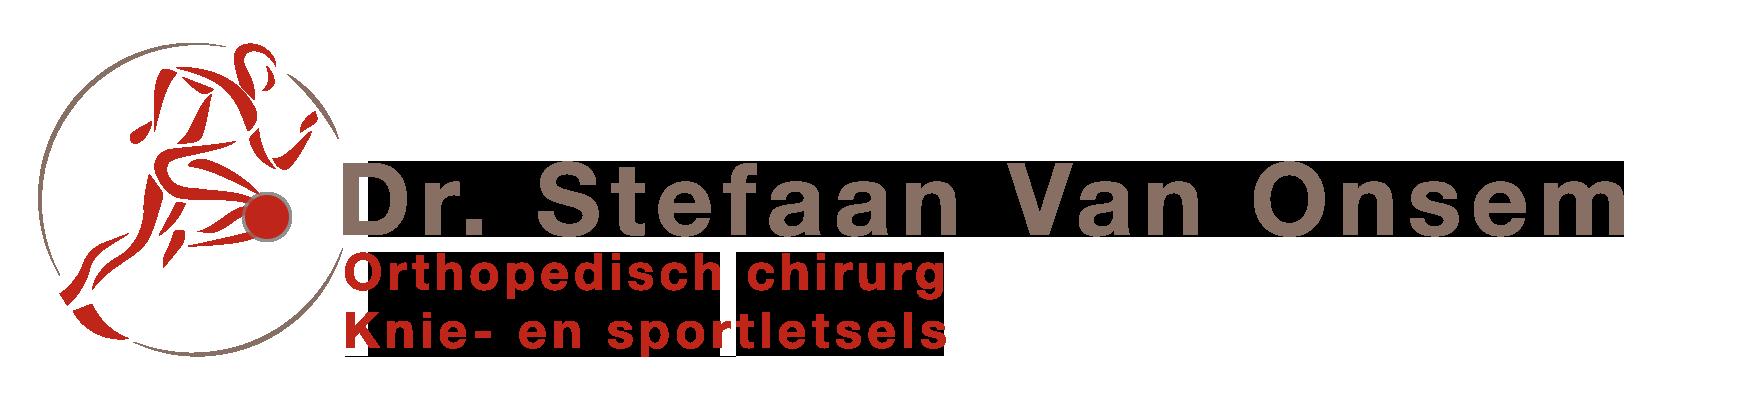 Dr. Stefaan Van Onsem